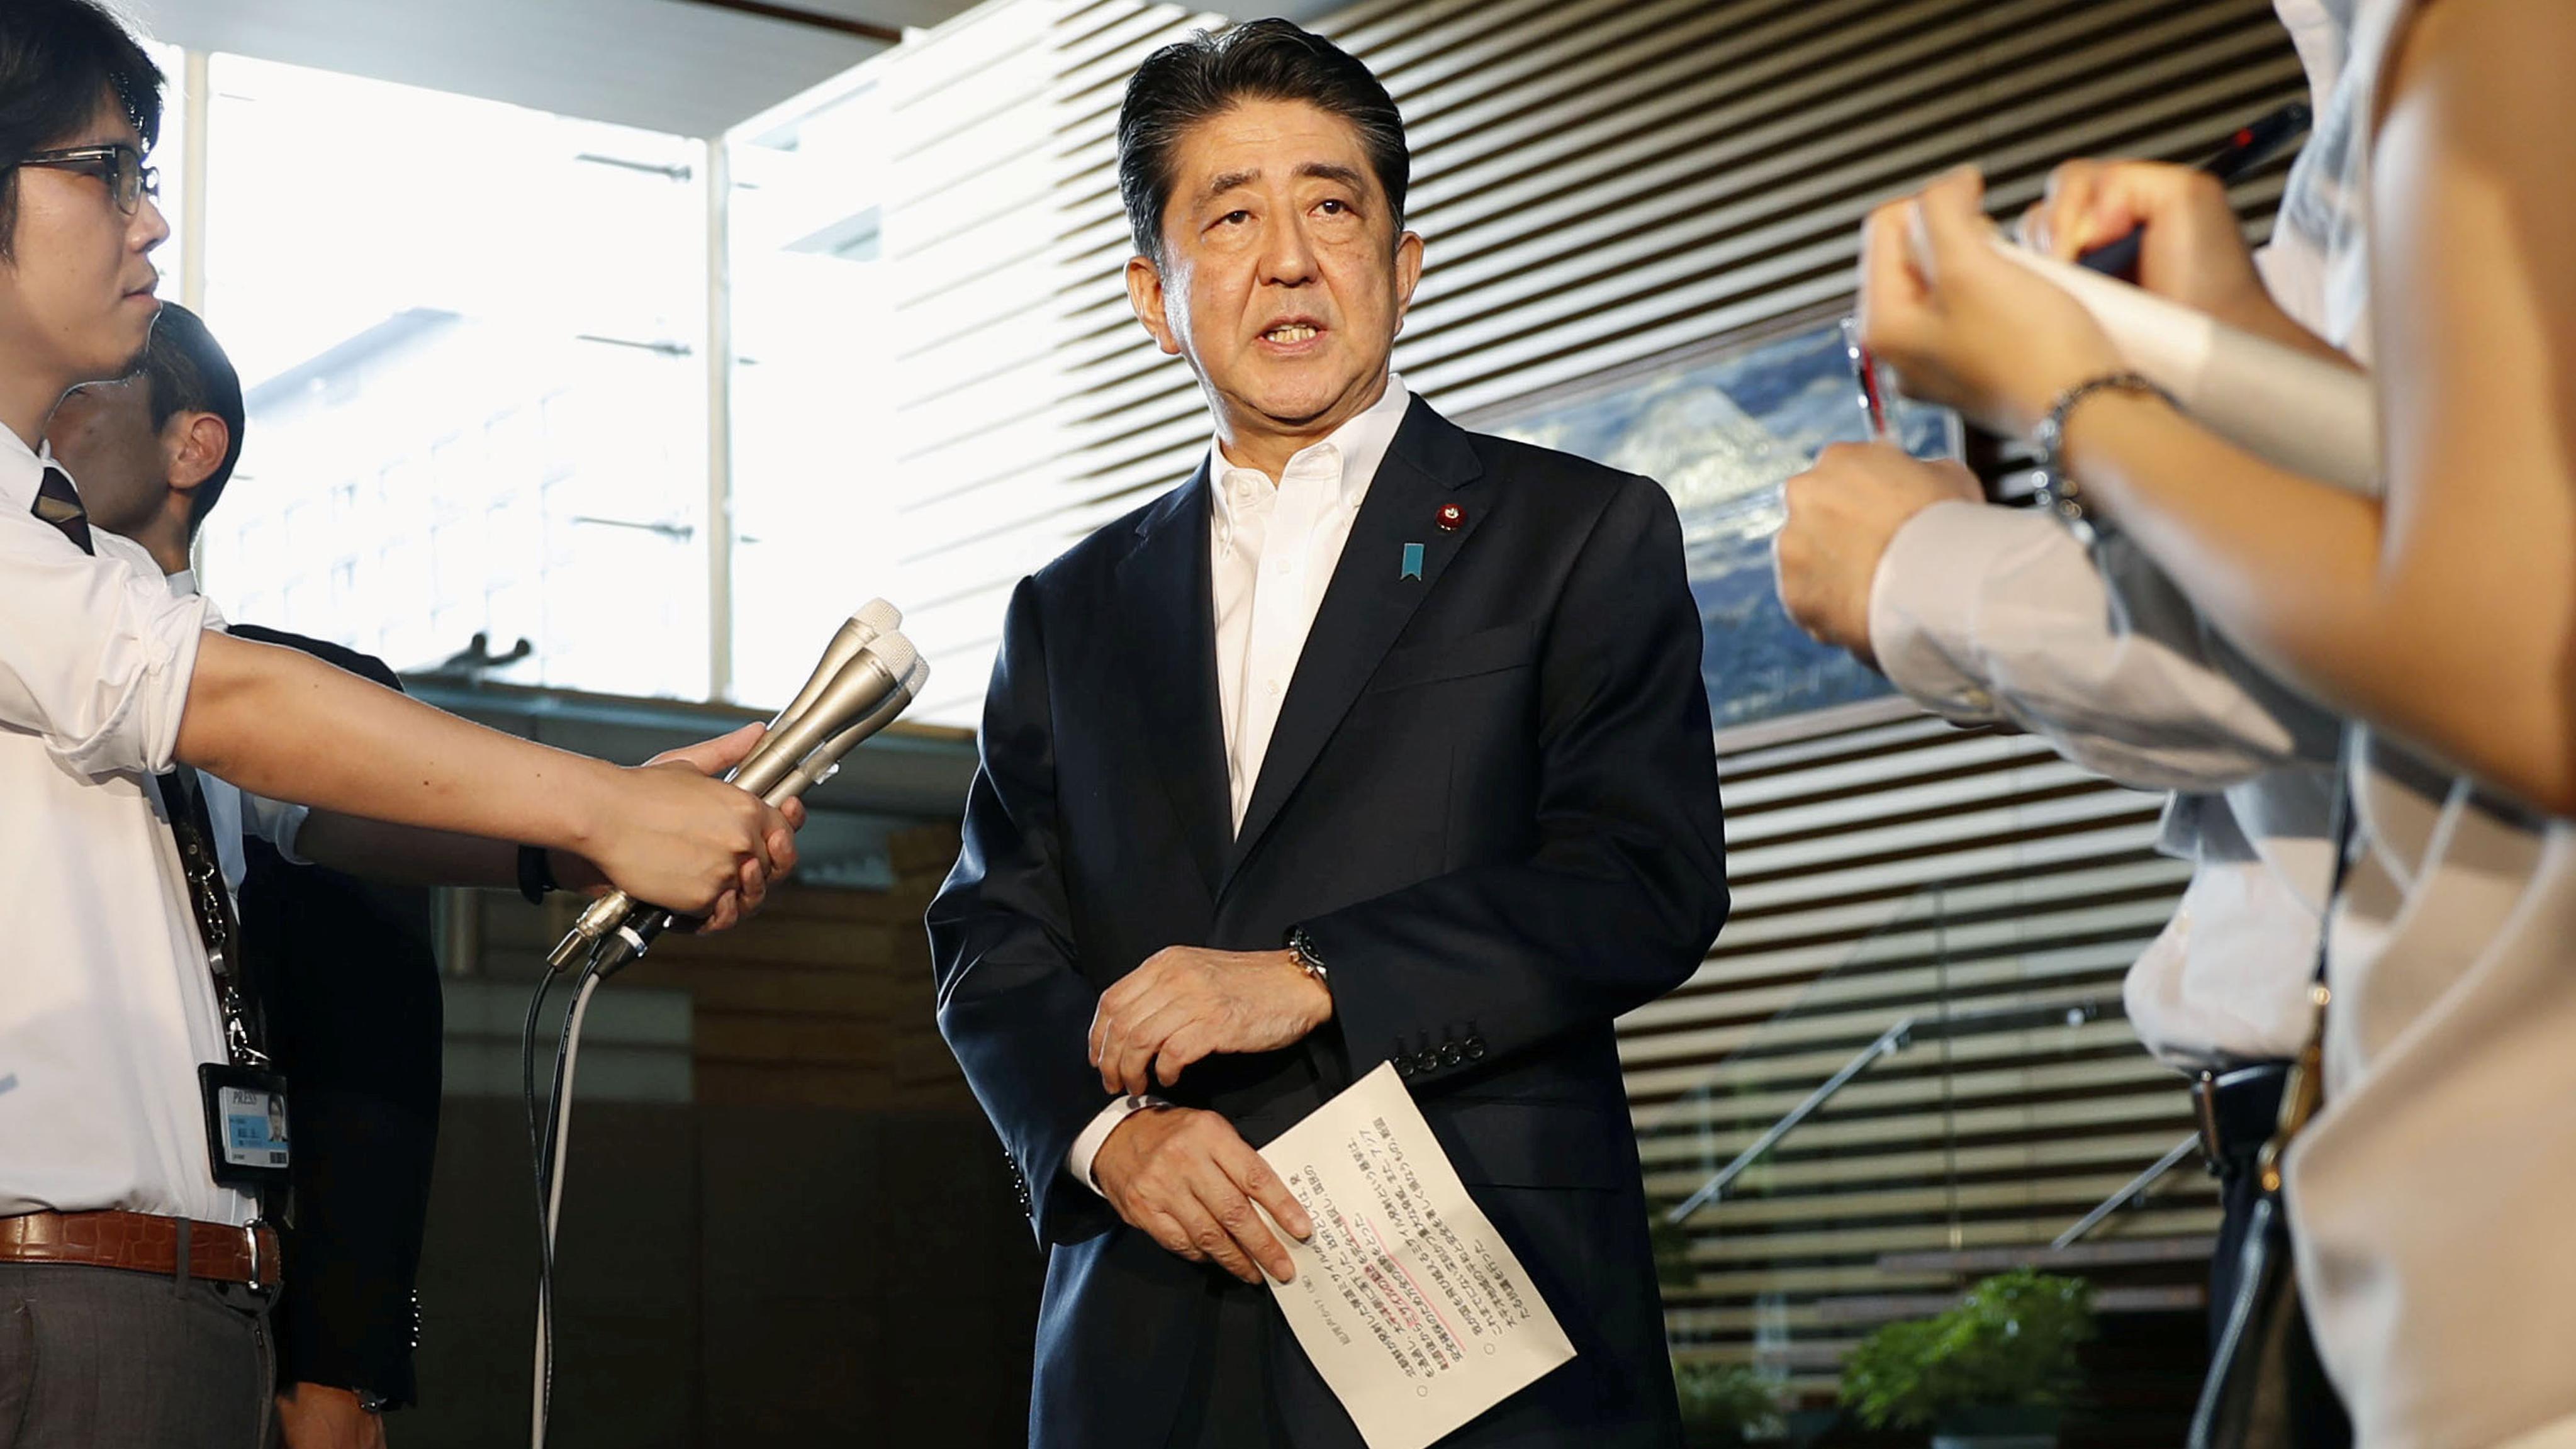 Японський фондовий індекс Nikkei впав дочотиримісячного мінімуму після запуску ракети КНДР